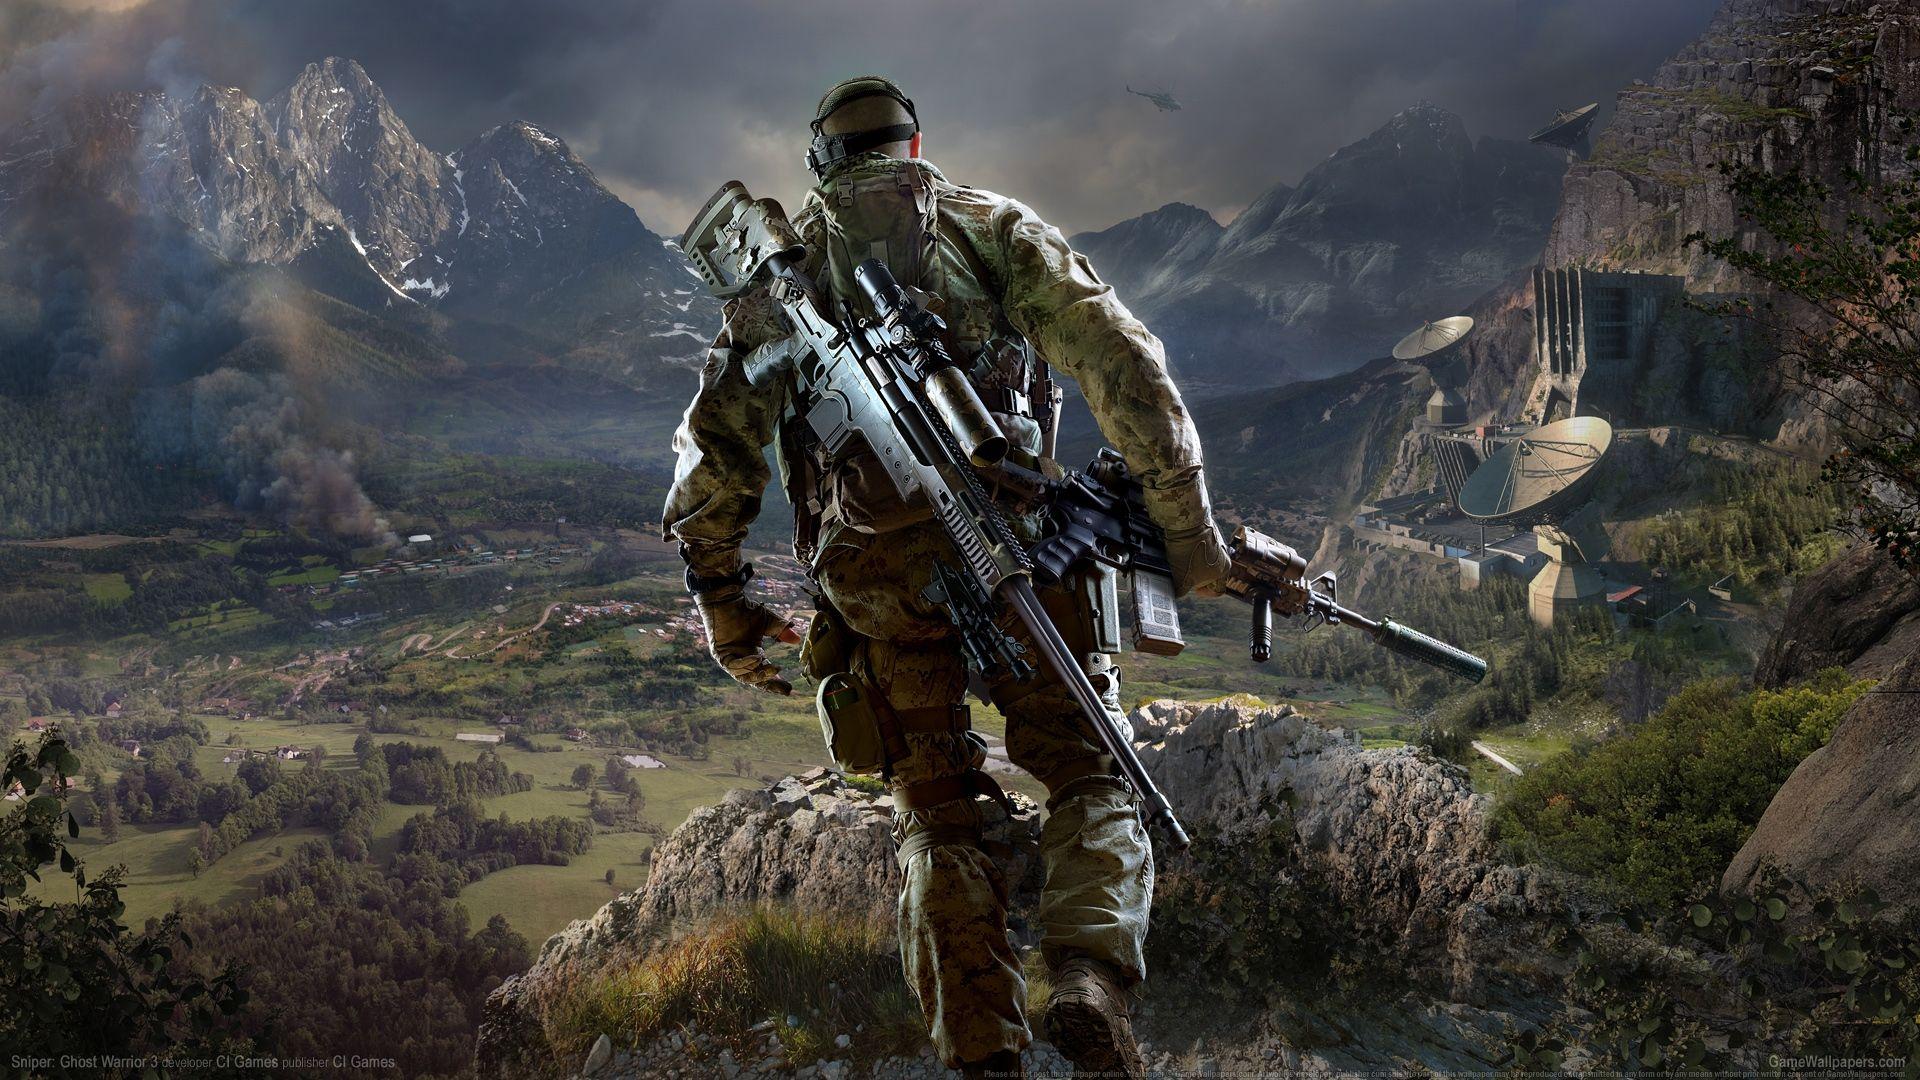 CI Games опубликовала результаты продаж за 2020 год. Продано 11 млн. копий игр серии Sniper: Ghost Warrior